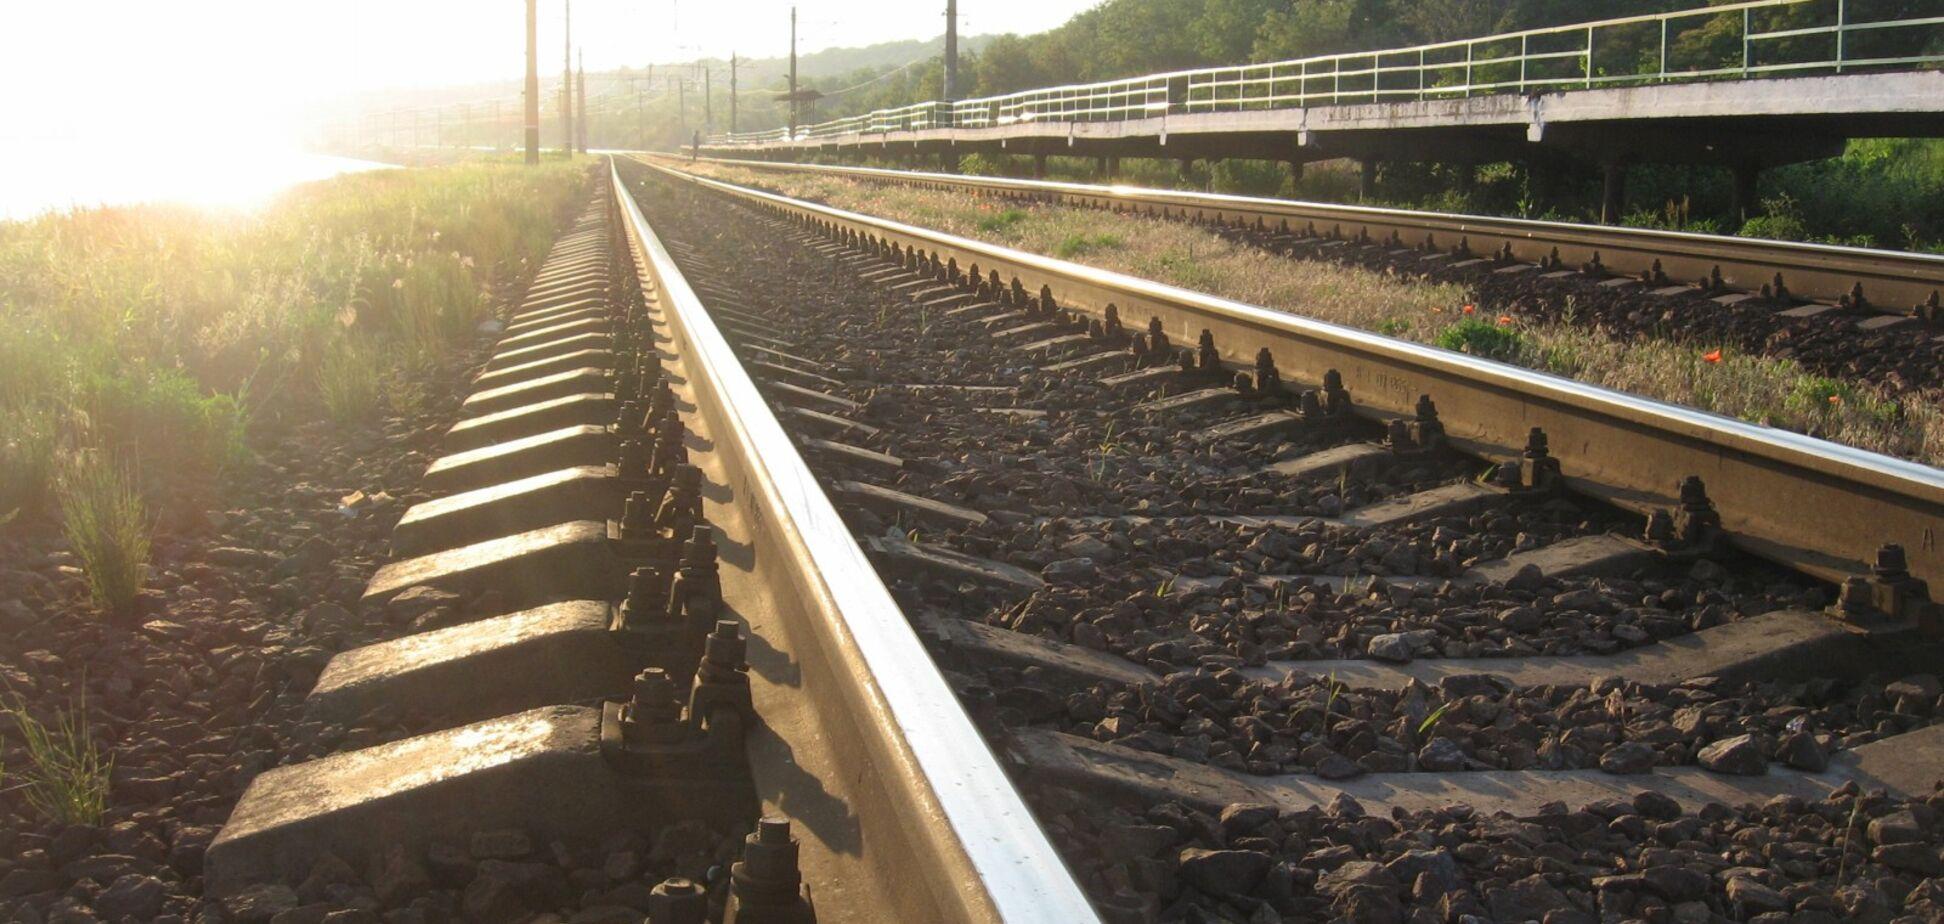 'Збирали по частинах': в Одесі на залізниці сталася надзвичайна подія